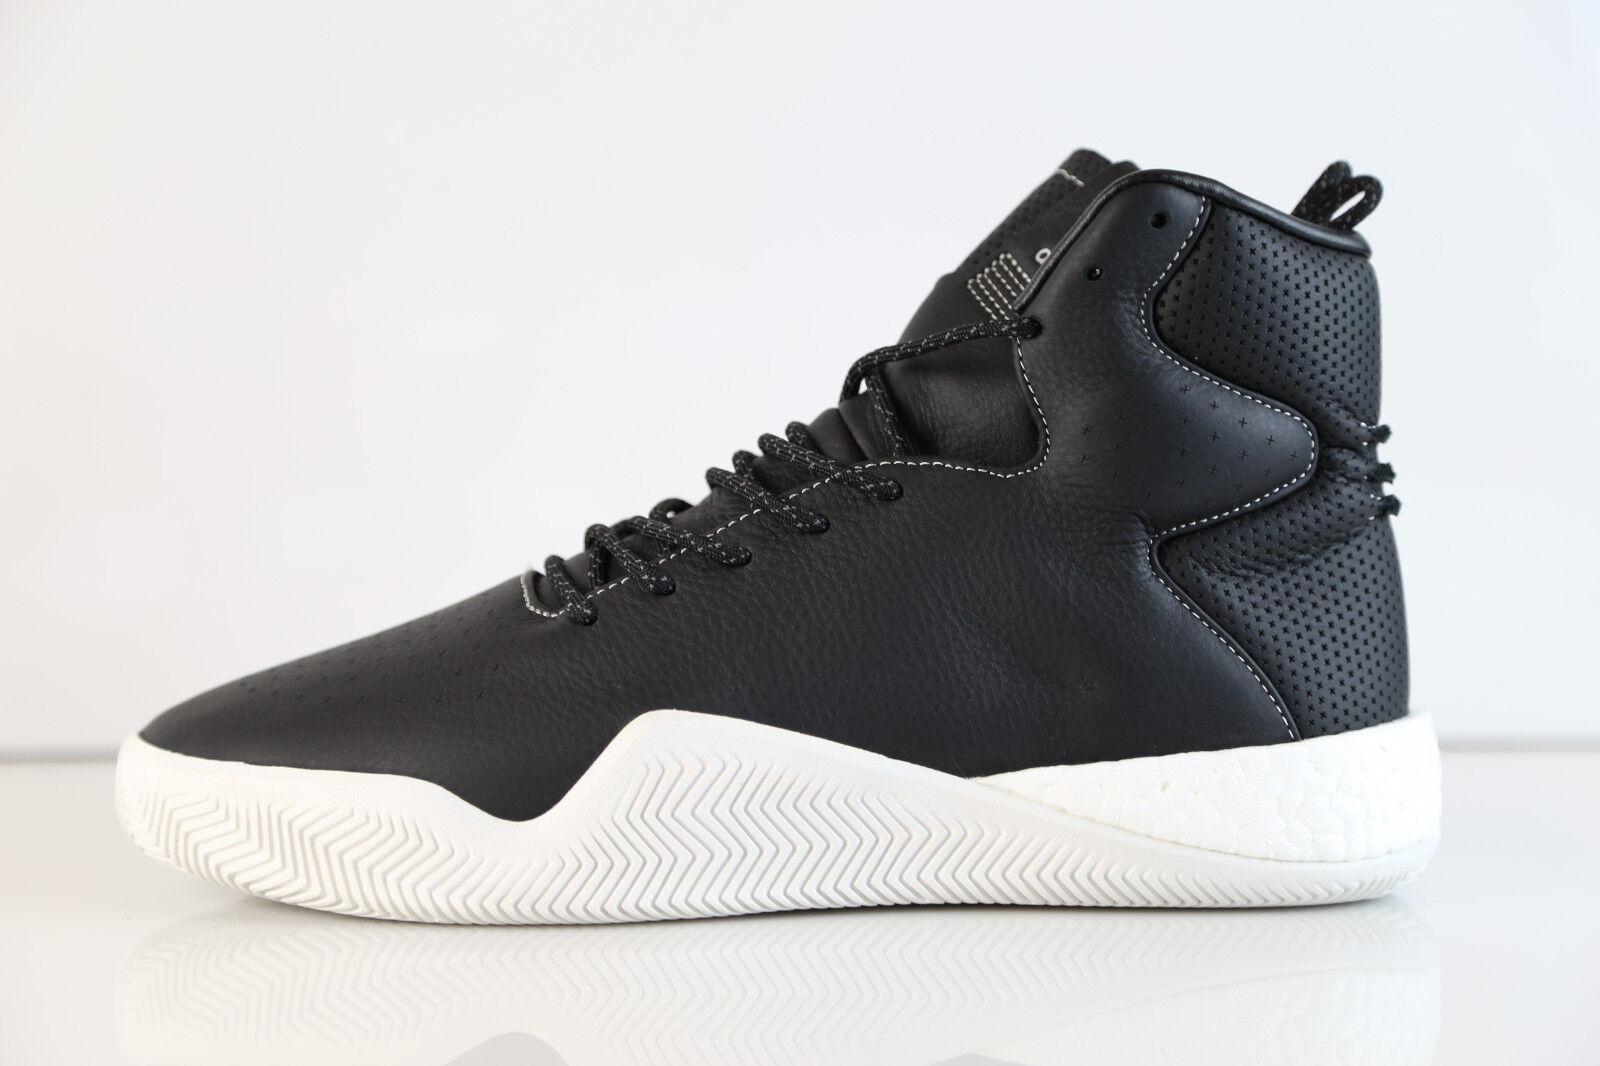 Adidas instinkt originals tubuläre instinkt Adidas durch schwarz - weiß - bb8401 8 - 13 - 1 pk 3 c56f7b